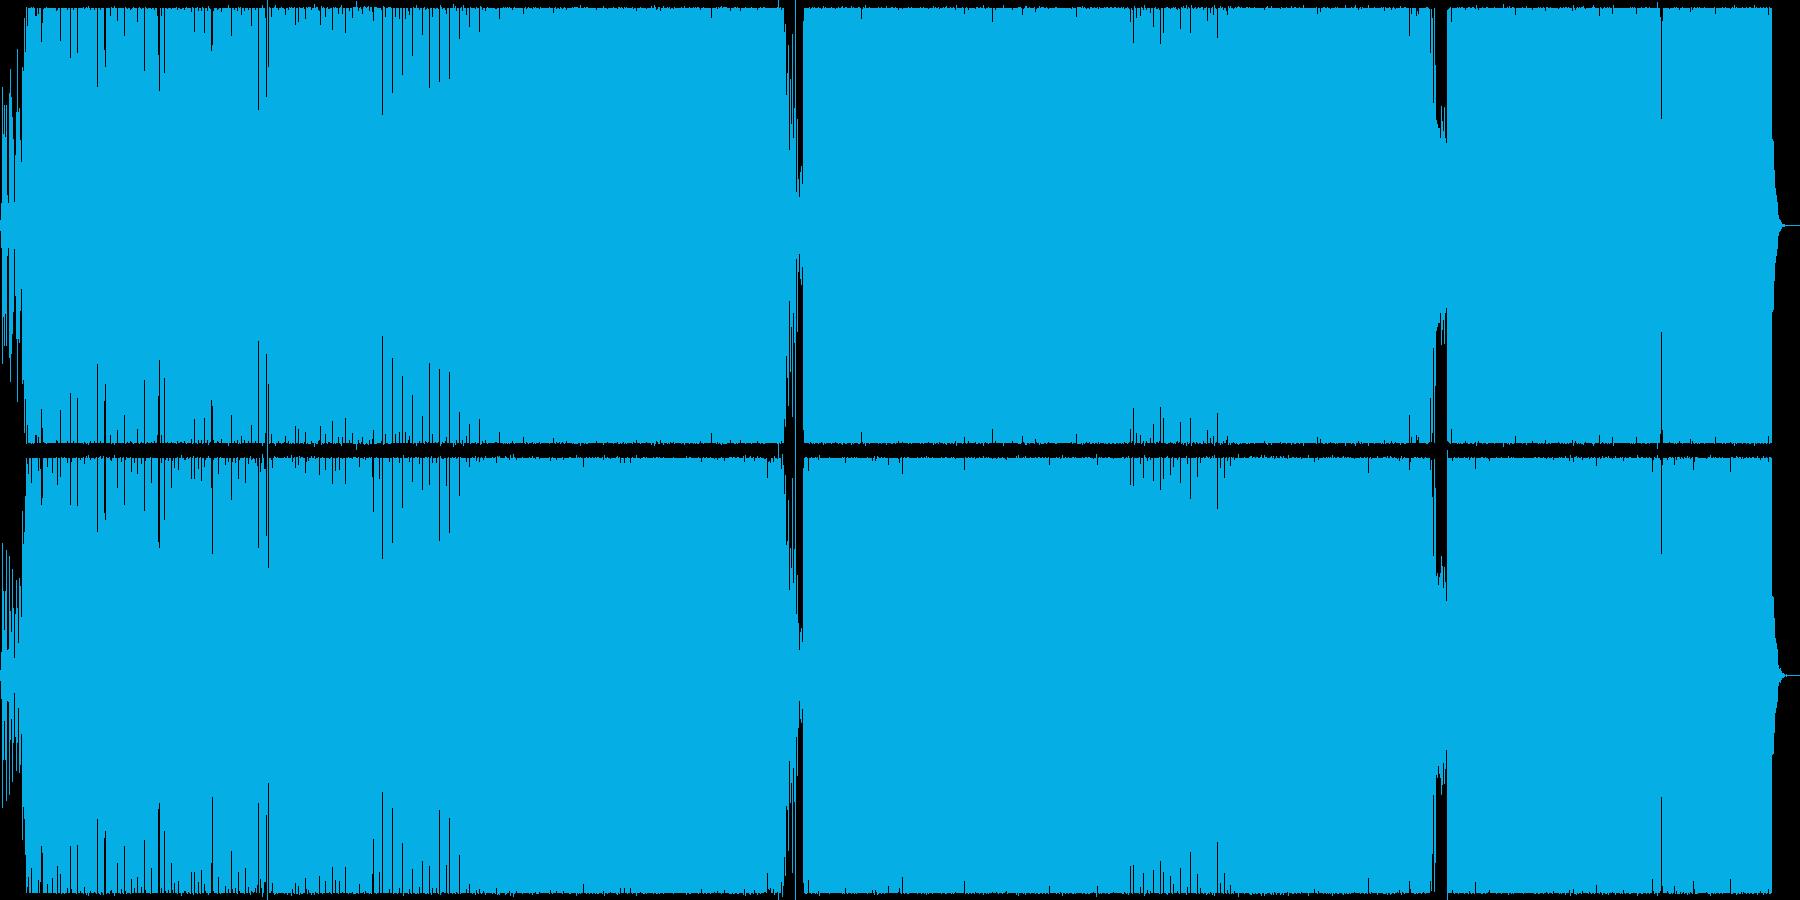 【BGM】ベースが印象的なテクノ曲の再生済みの波形